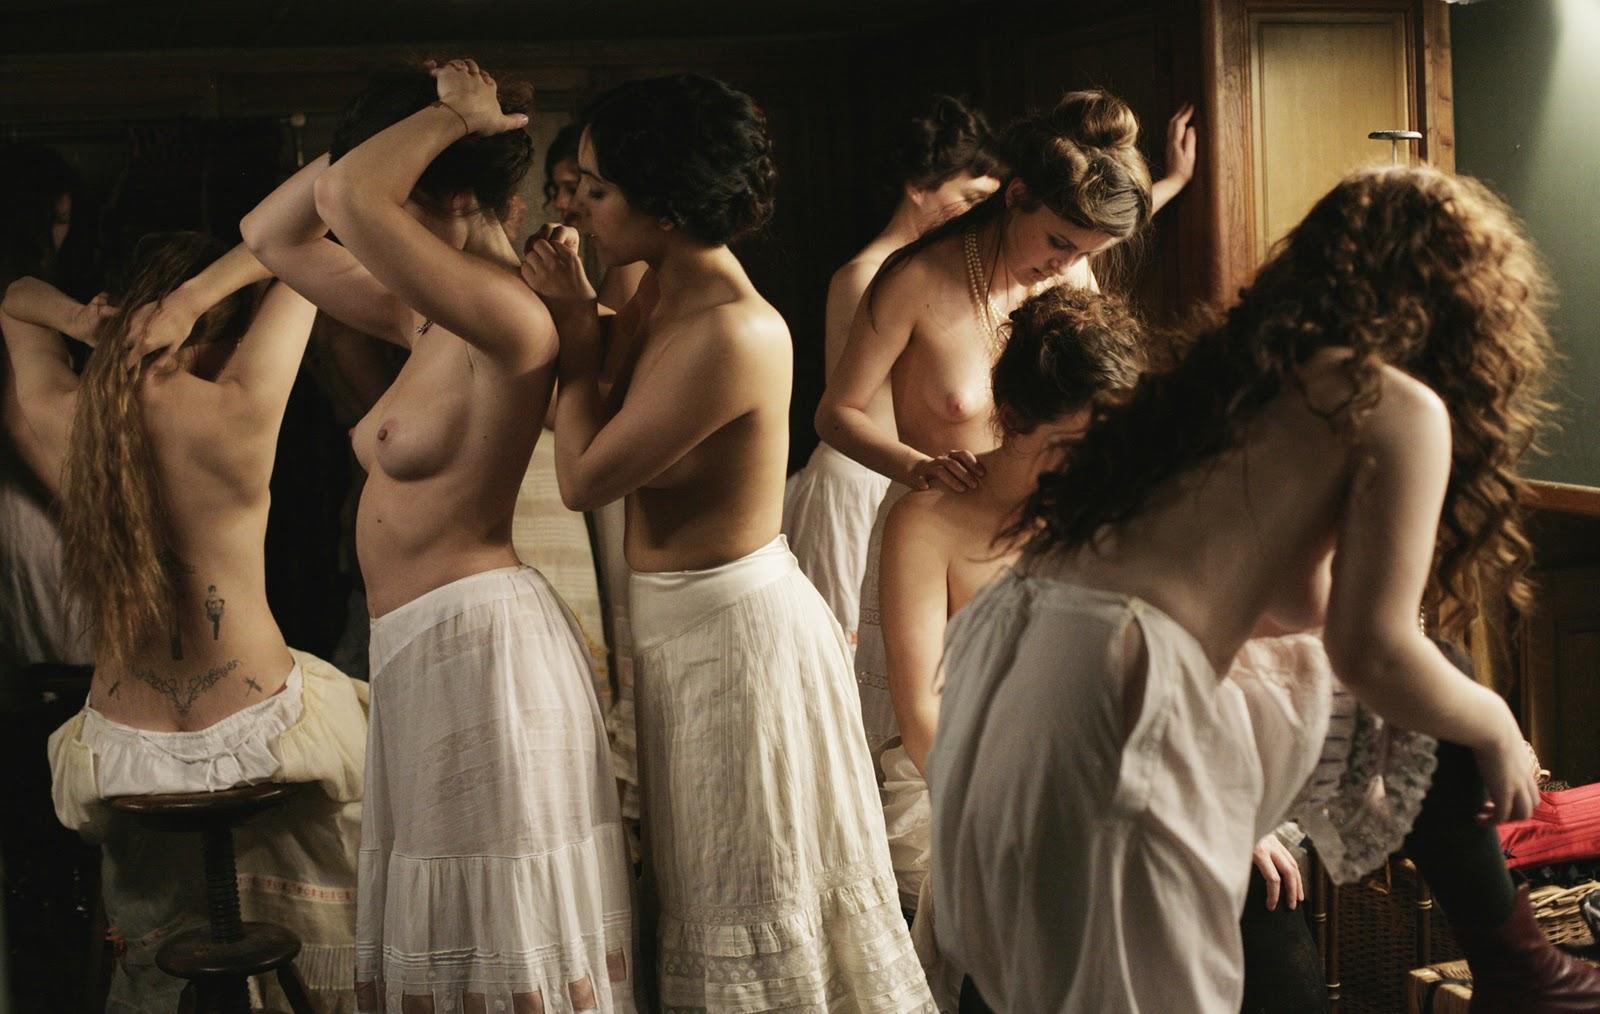 Эротический арт хауз смотреть онлайн 8 фотография